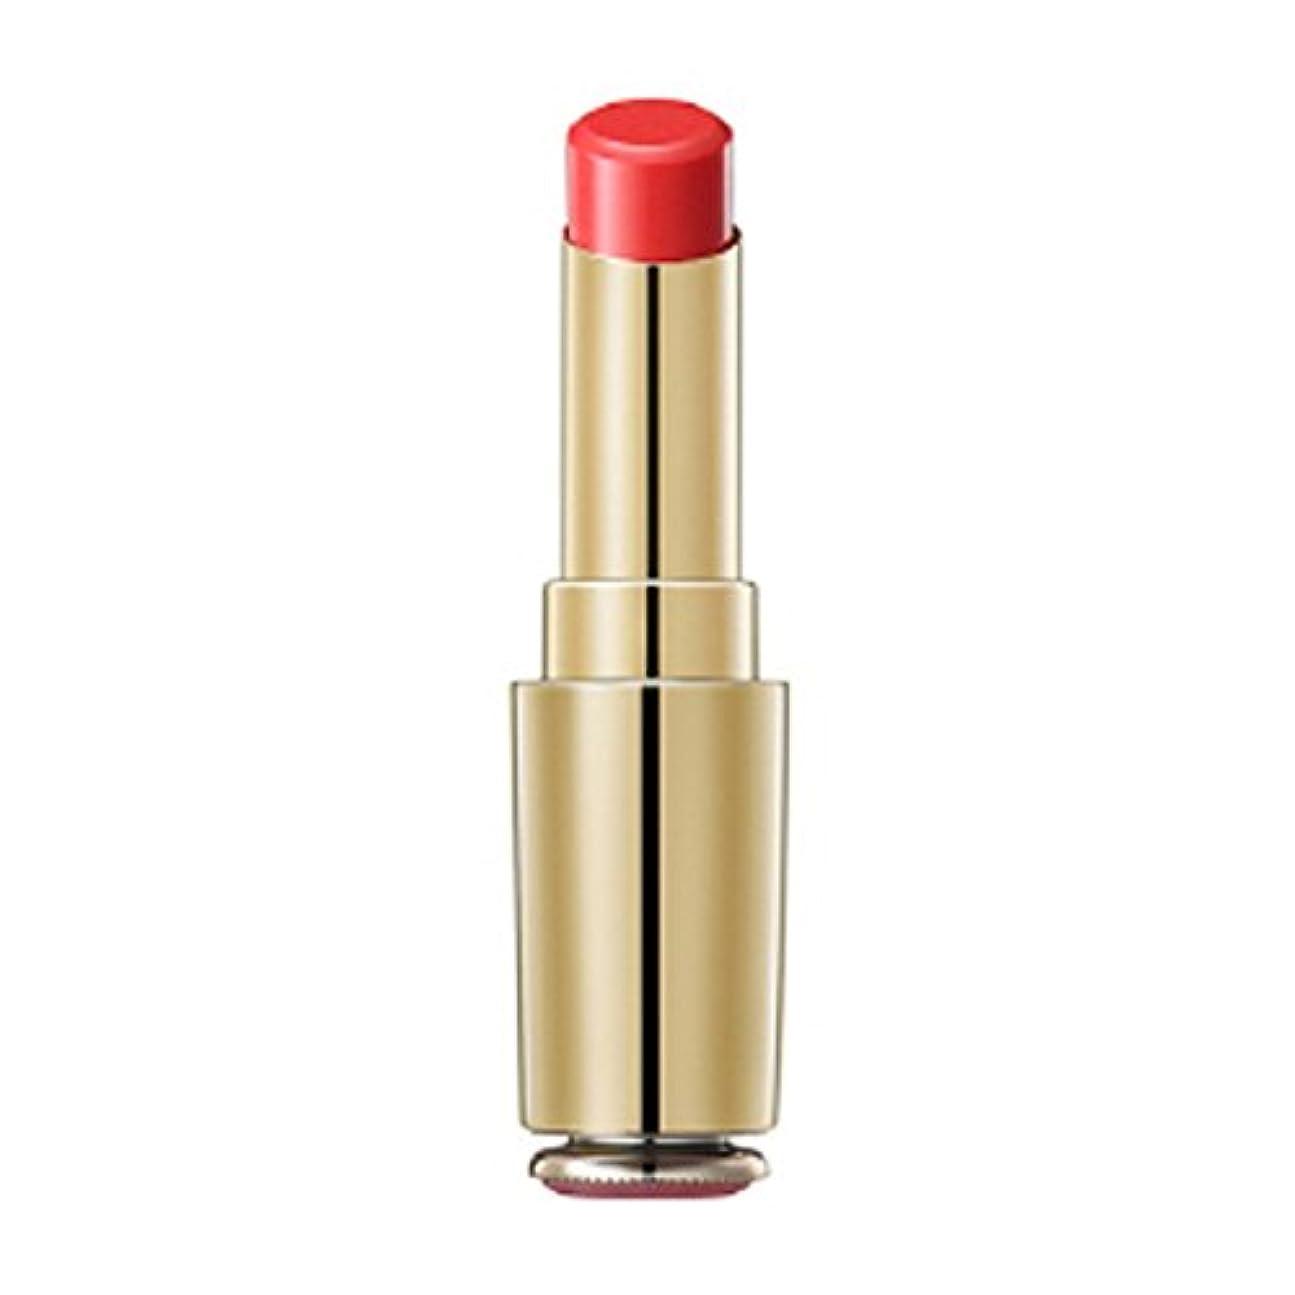 罪人重要プロフェッショナルソルファス Essential Lip Serum Stick - # No. 3 Flower Pink 3g/0.1oz並行輸入品